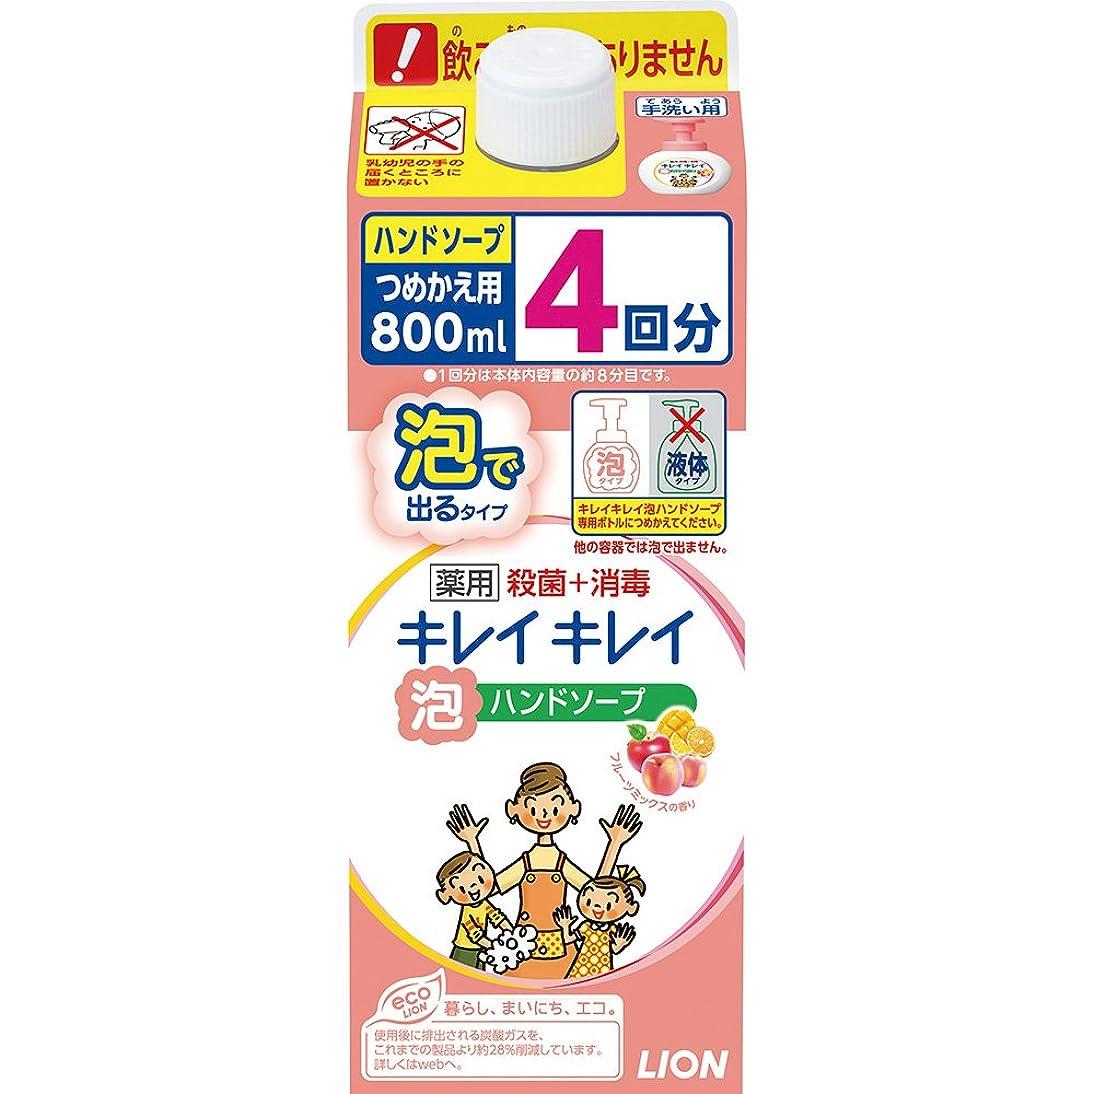 テストほのめかす気性キレイキレイ 薬用 泡ハンドソープ フルーツミックスの香り 詰め替え特大サイズ 800ml(医薬部外品)